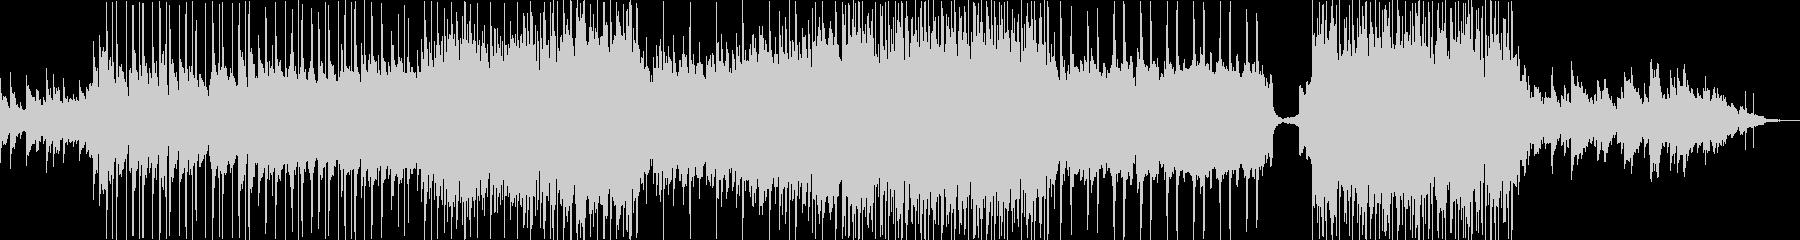 エンディングで流れるような優しいバラードの未再生の波形